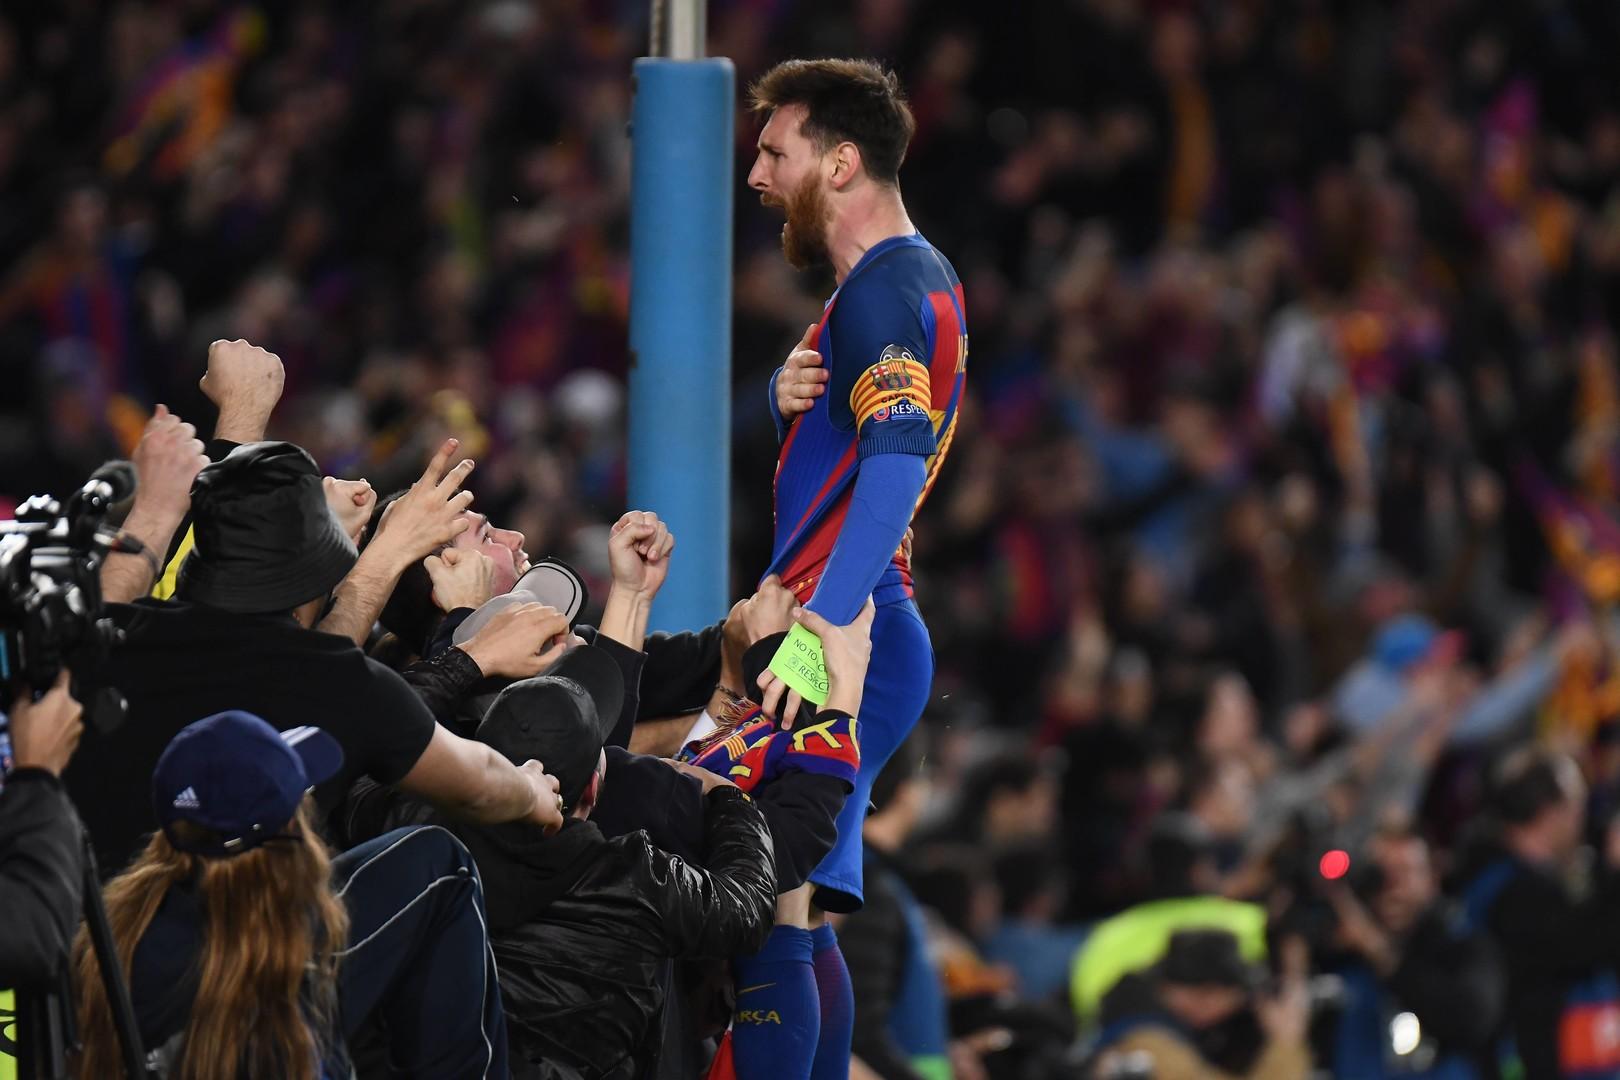 От шока Овечкина до эйфории Шакиры: как в мире встретили чудо-победу «Барселоны» в ЛЧ